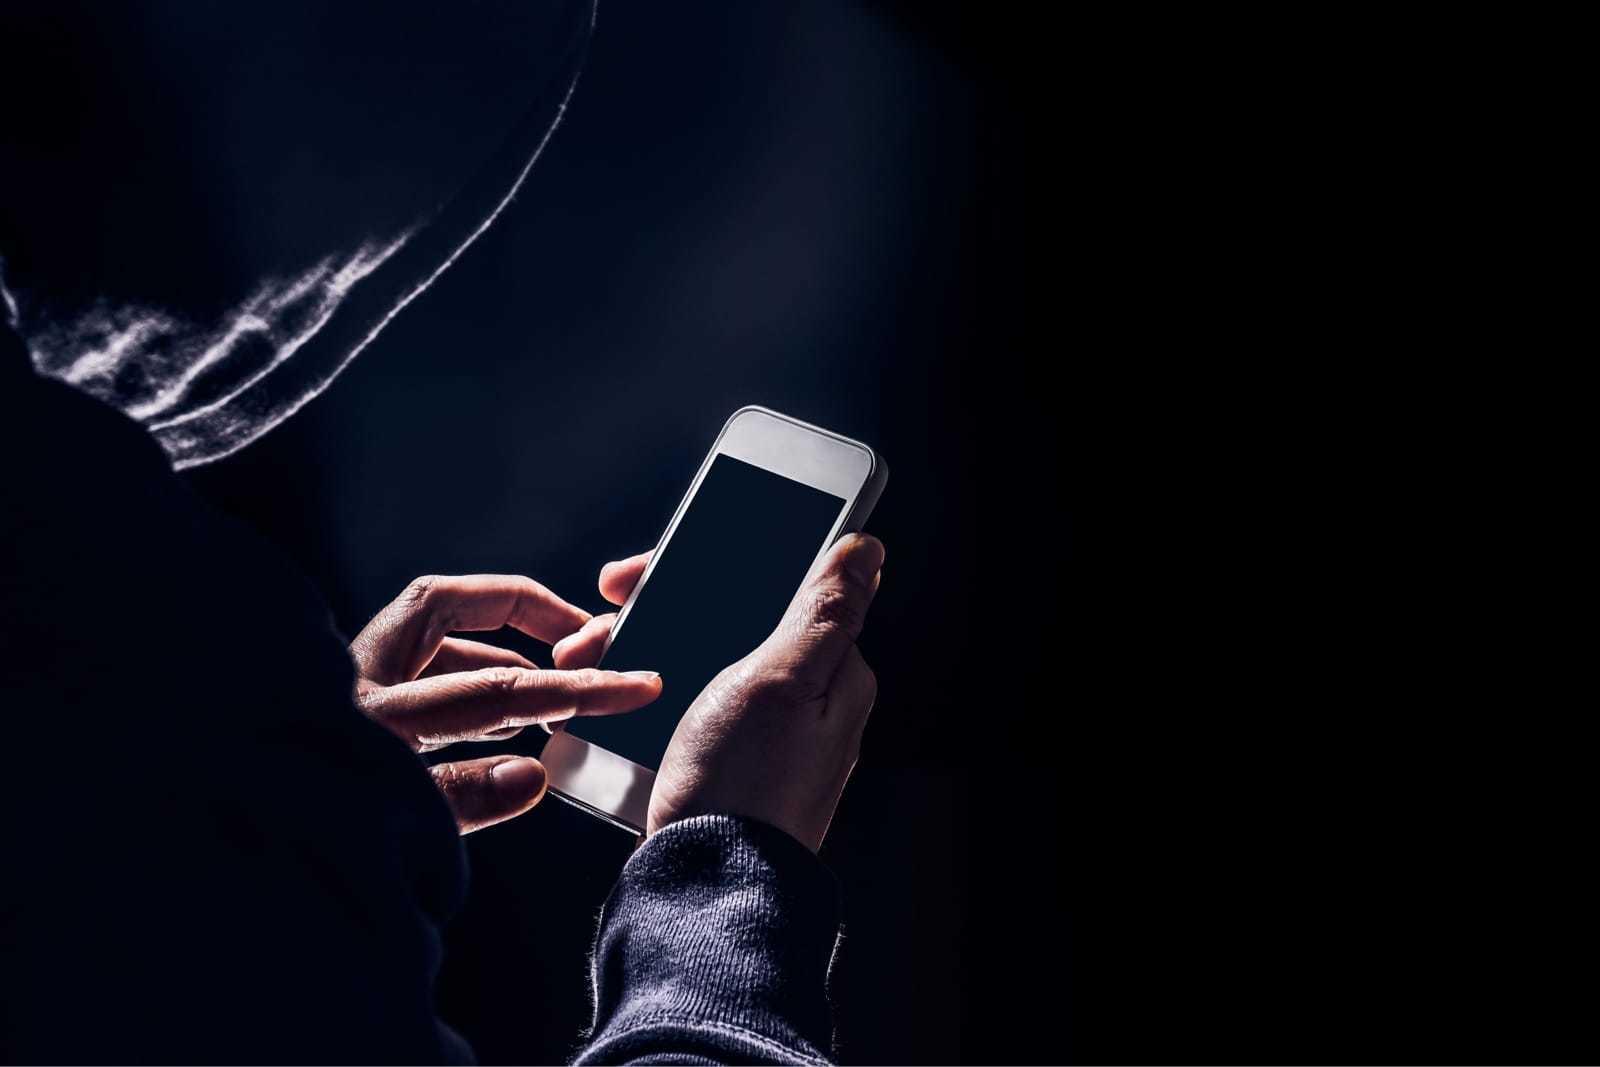 スマートフォンでハッキングするフードを被った男性